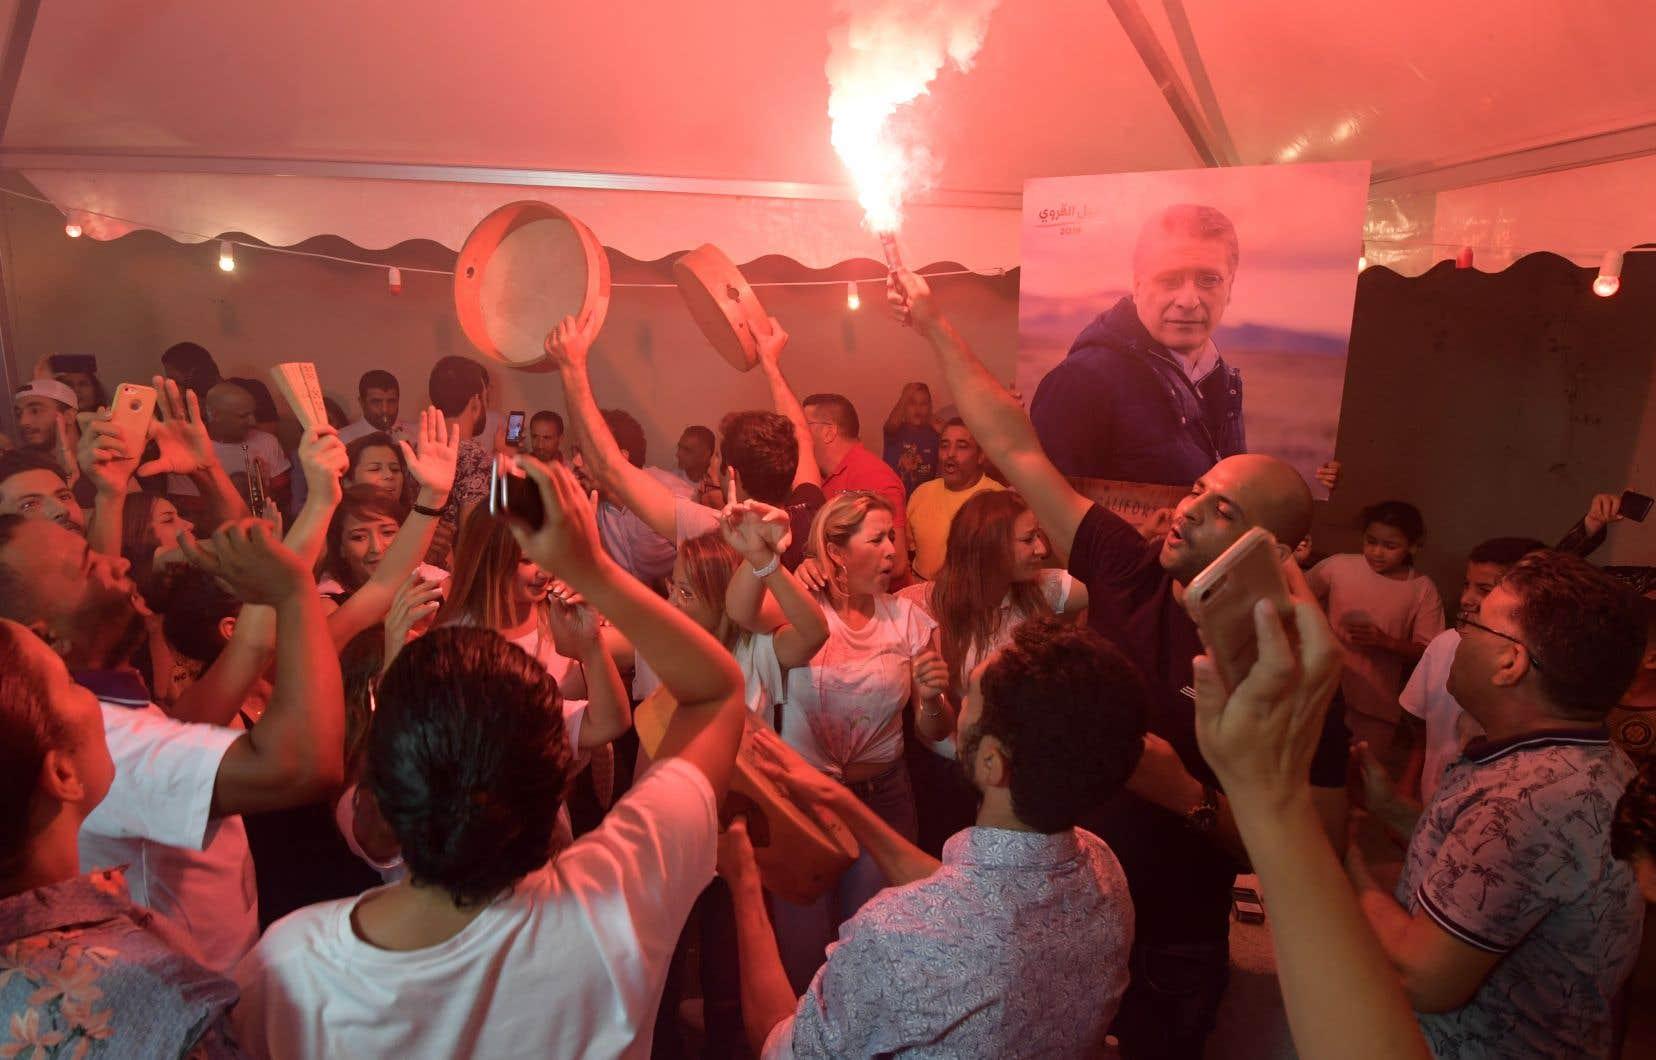 Despartisans du candidat emprisonnéNabil Karoui célèbrent le fait qu'il passerait au 2e tour des élections présidentielles tunisiennes.